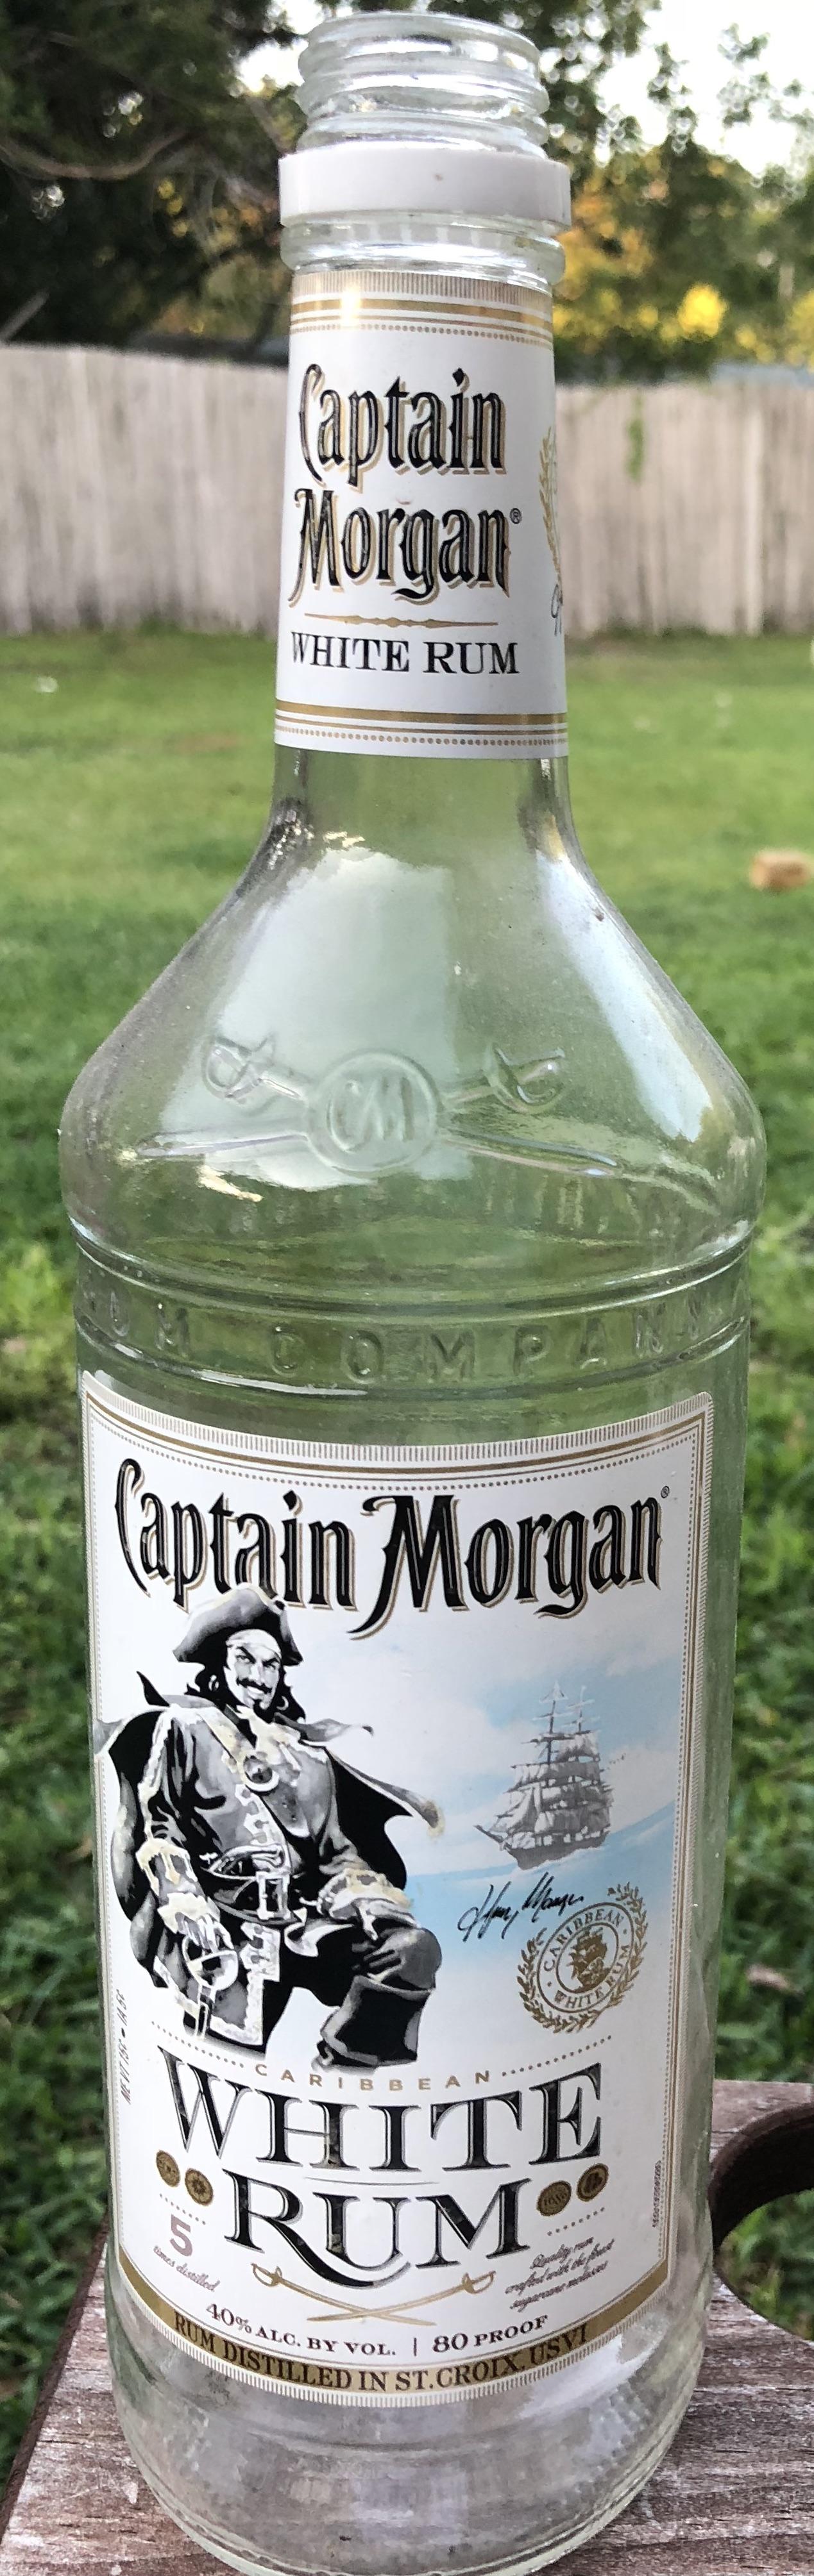 Captain Morgan White Rum.jpg